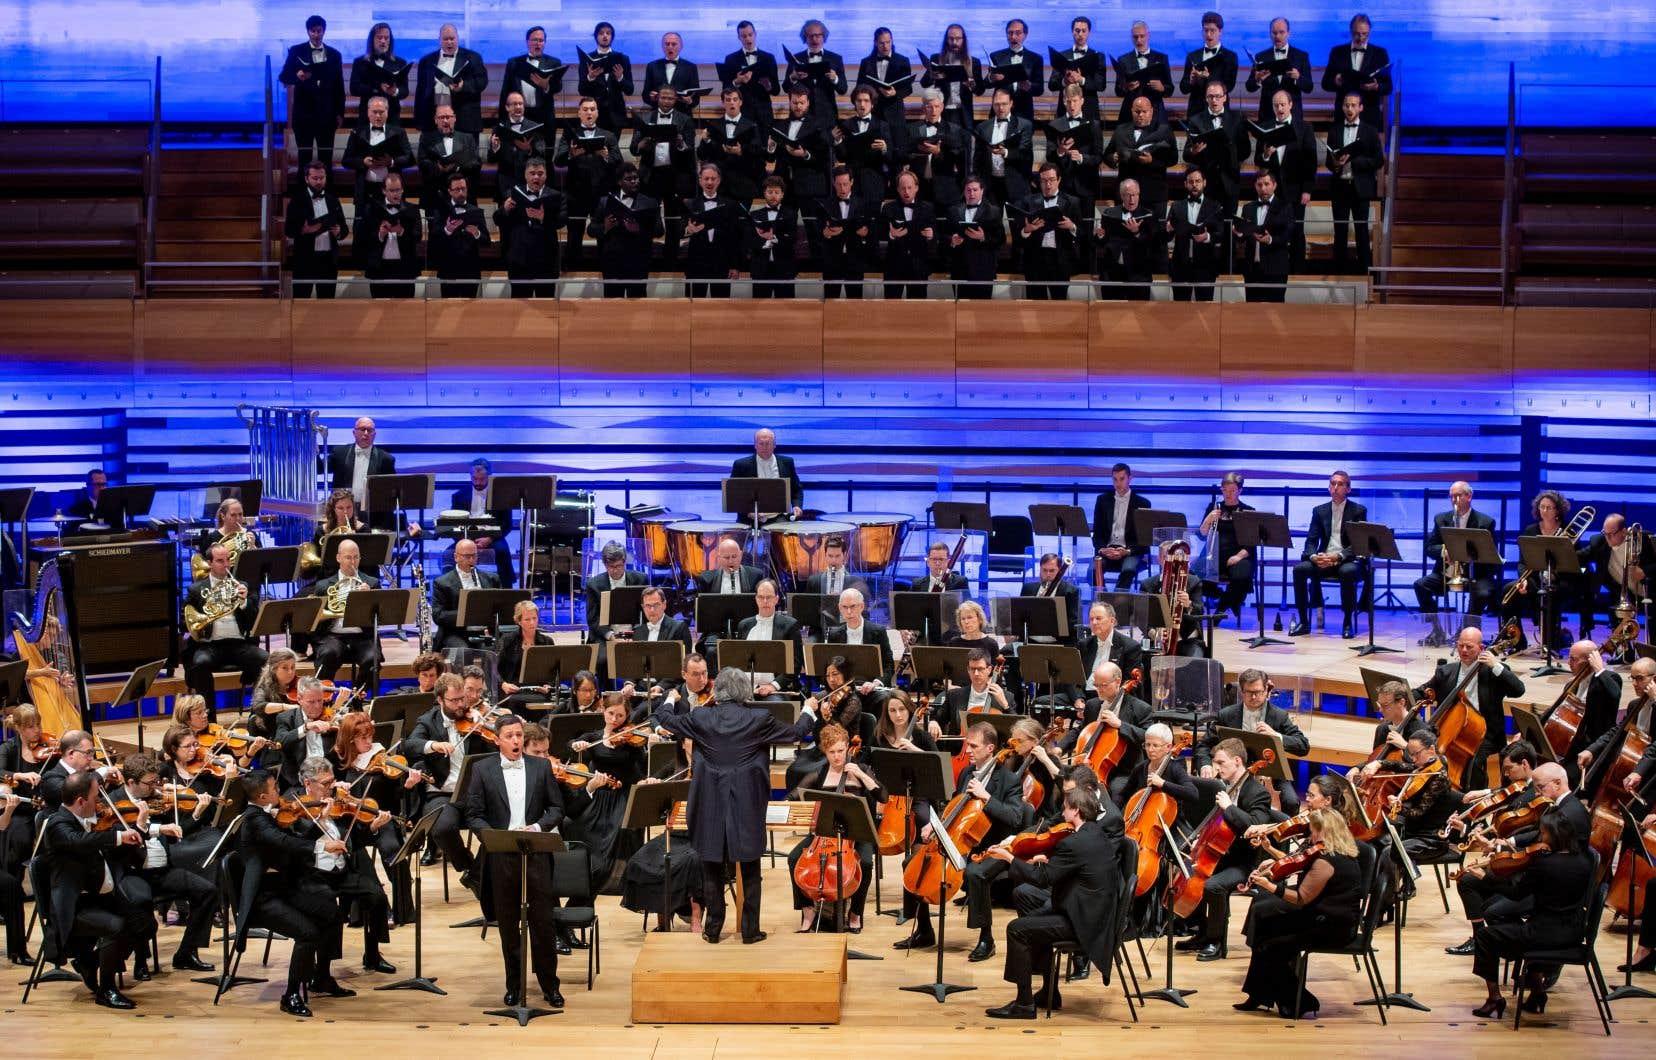 <p>Kent Nagano et l'OSM ouvraient mardi leur saison avec la «13e Symphonie» de Chostakovitch qui sera aussi présentée à New York en mars 2020 pour un concert à Carnegie Hall. Le choix est excellent, car l'interprétation intéressante et impressionnante, service par une basse exceptionnelle, Alexander Vinogradov.</p>